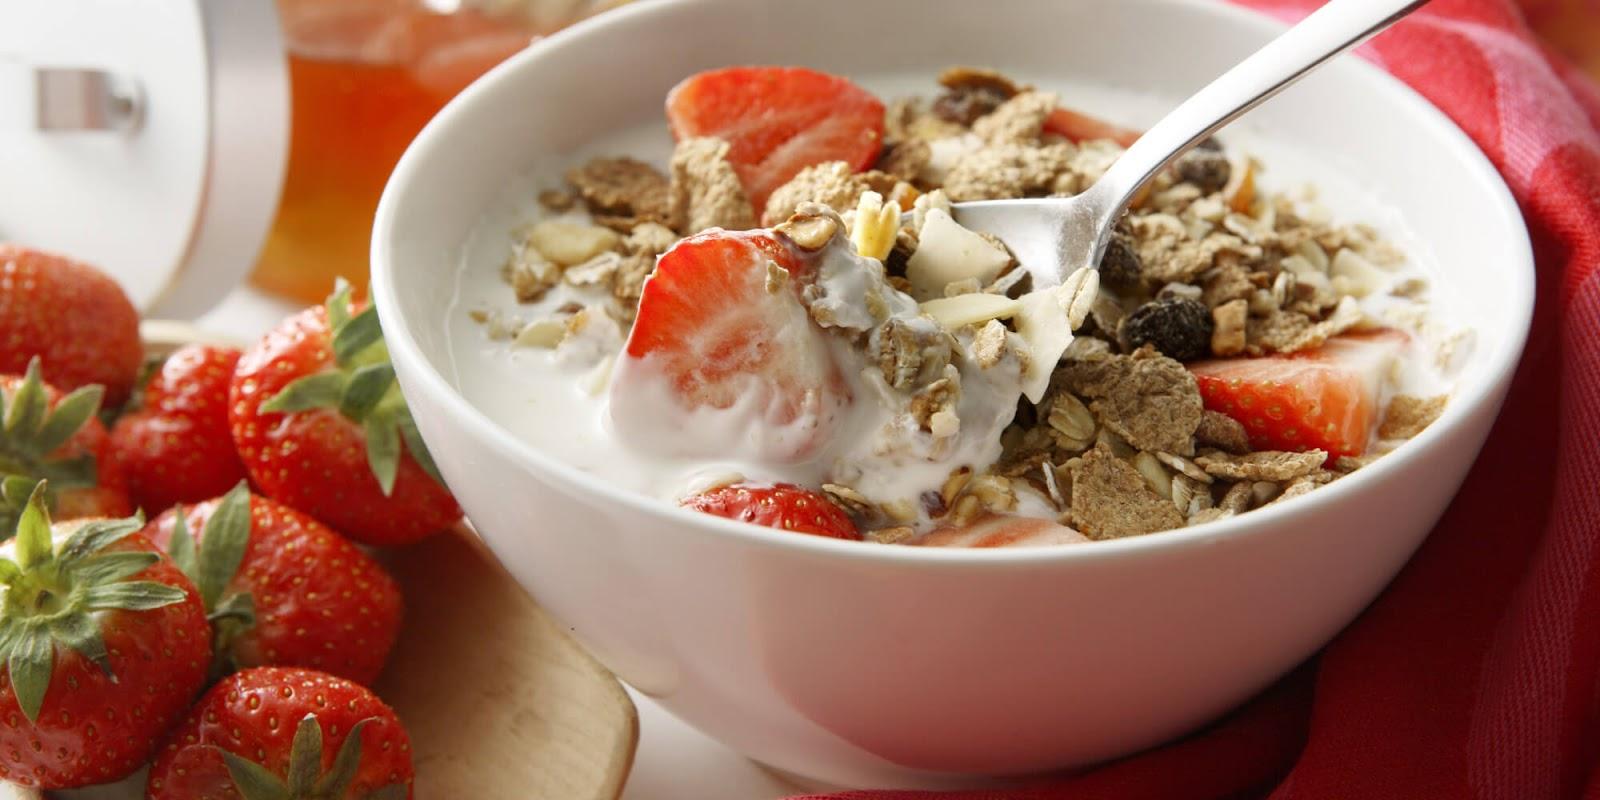 Takut Gemuk? Coba 10 Biskuit yang Bagus untuk Diet ini Saja